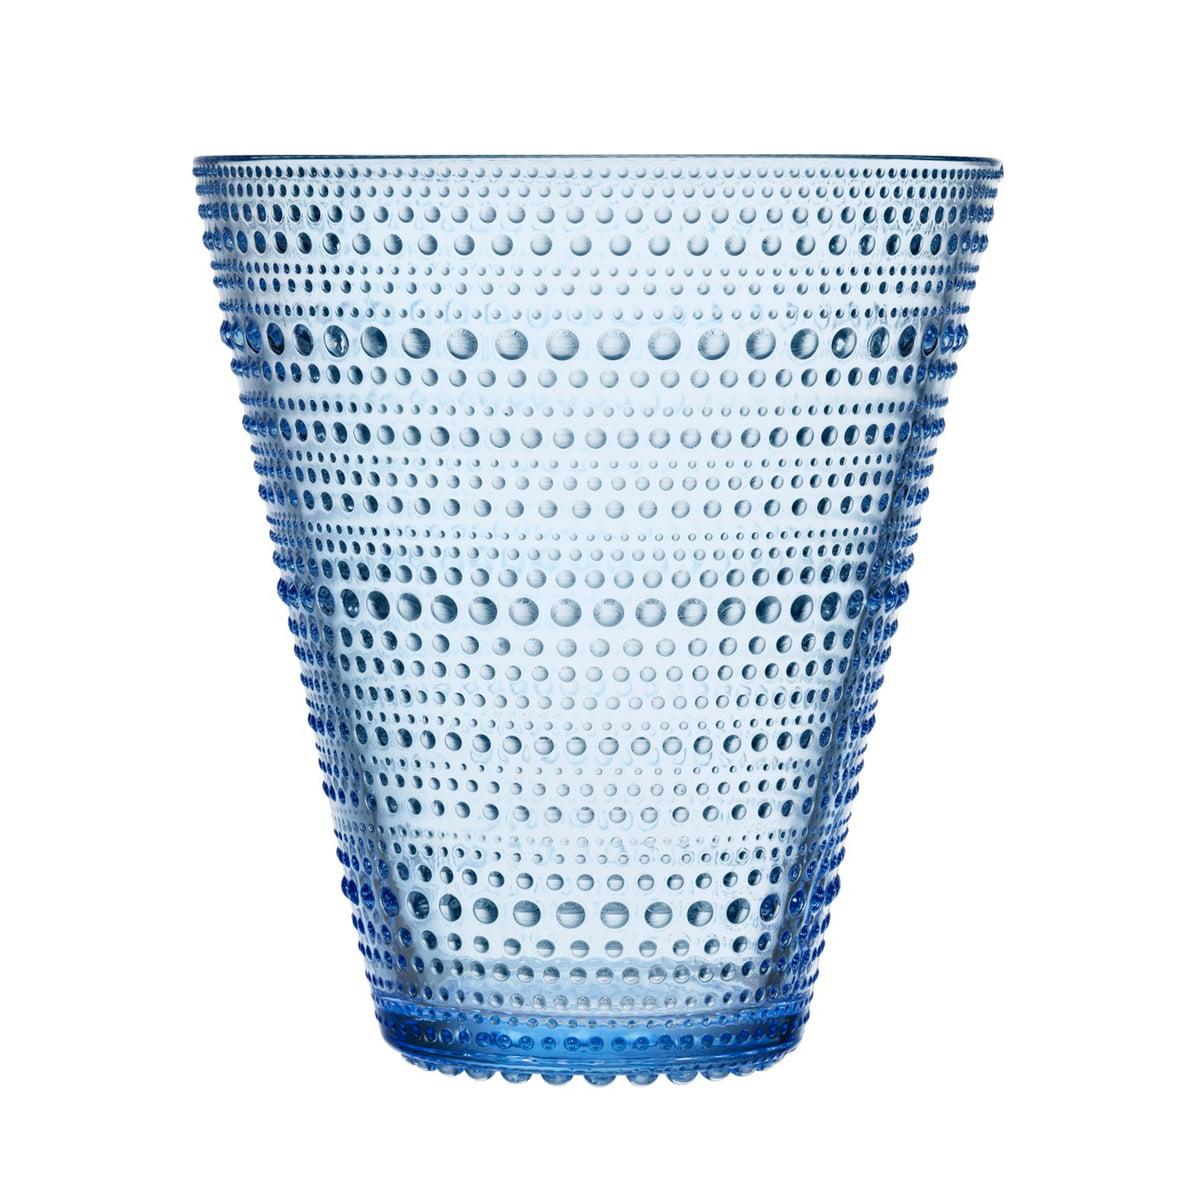 Iittala - Kastehelmi Vase 154 mm, aqua | Dekoration > Vasen | Transparent blau | Iittala